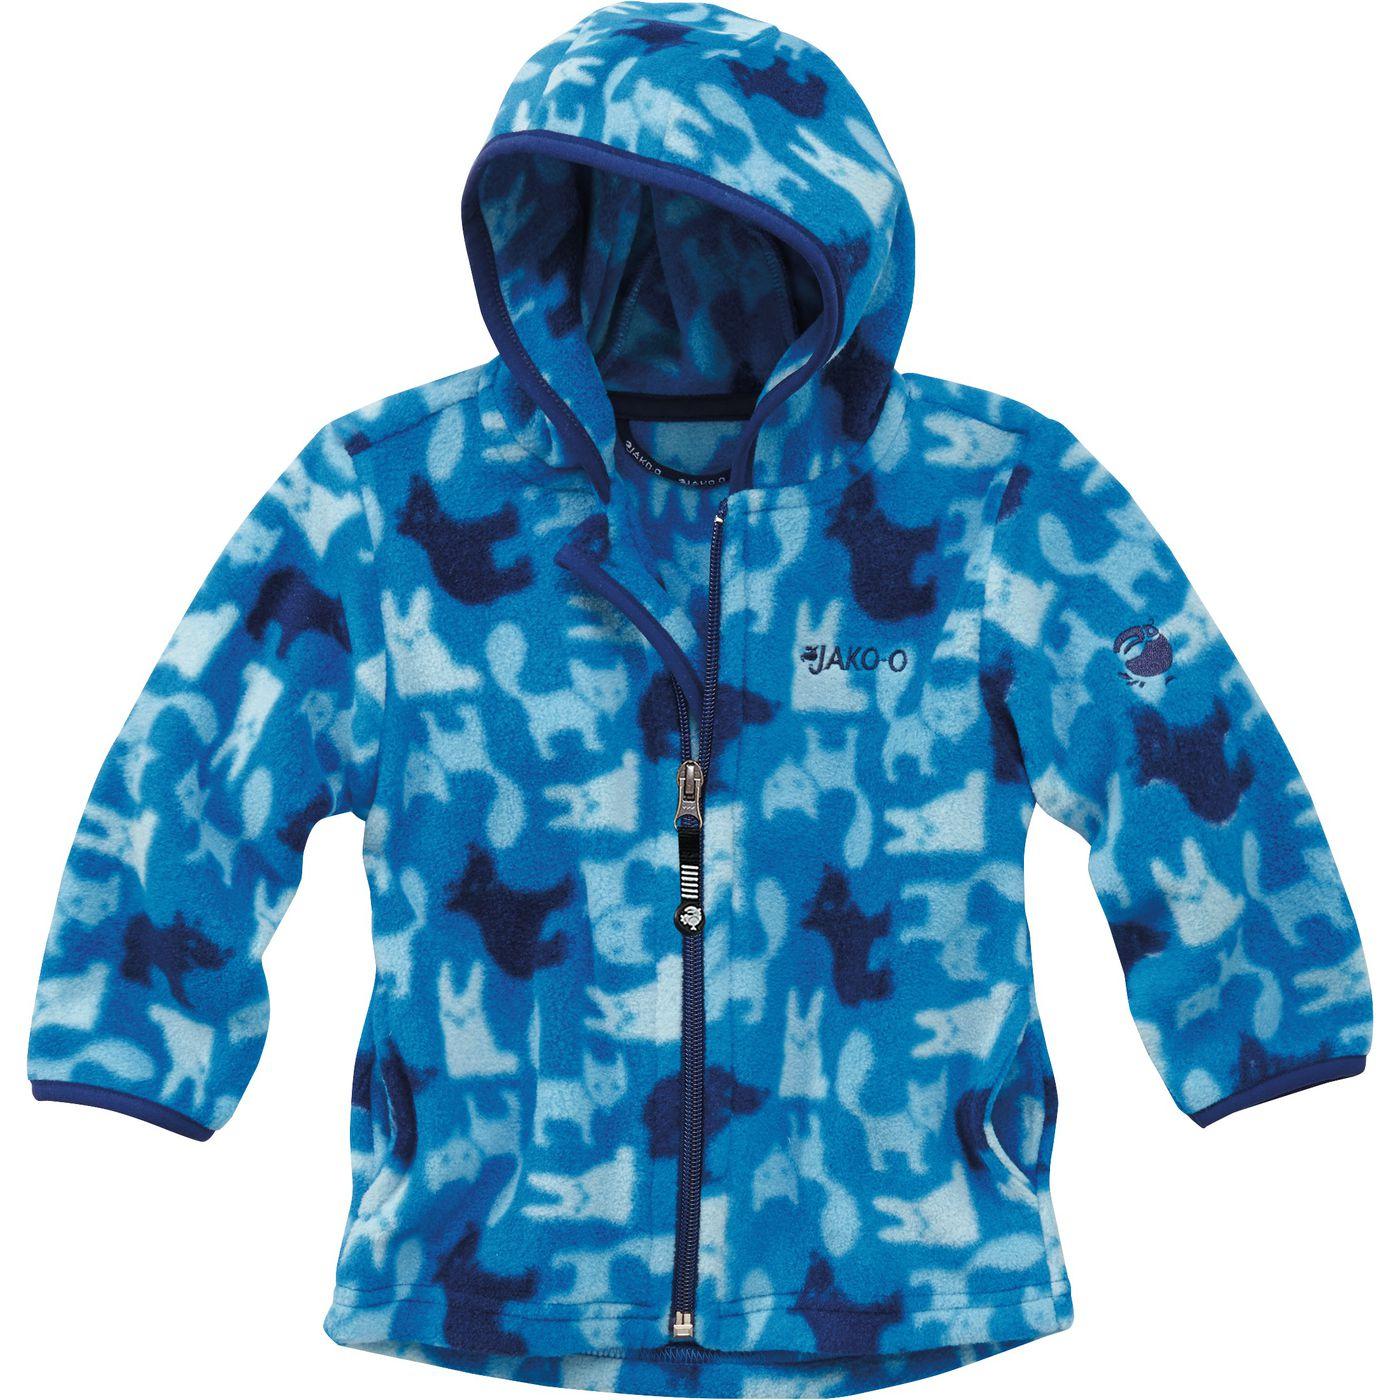 Детская Флисовая Куртка С Капюшоном Мотив